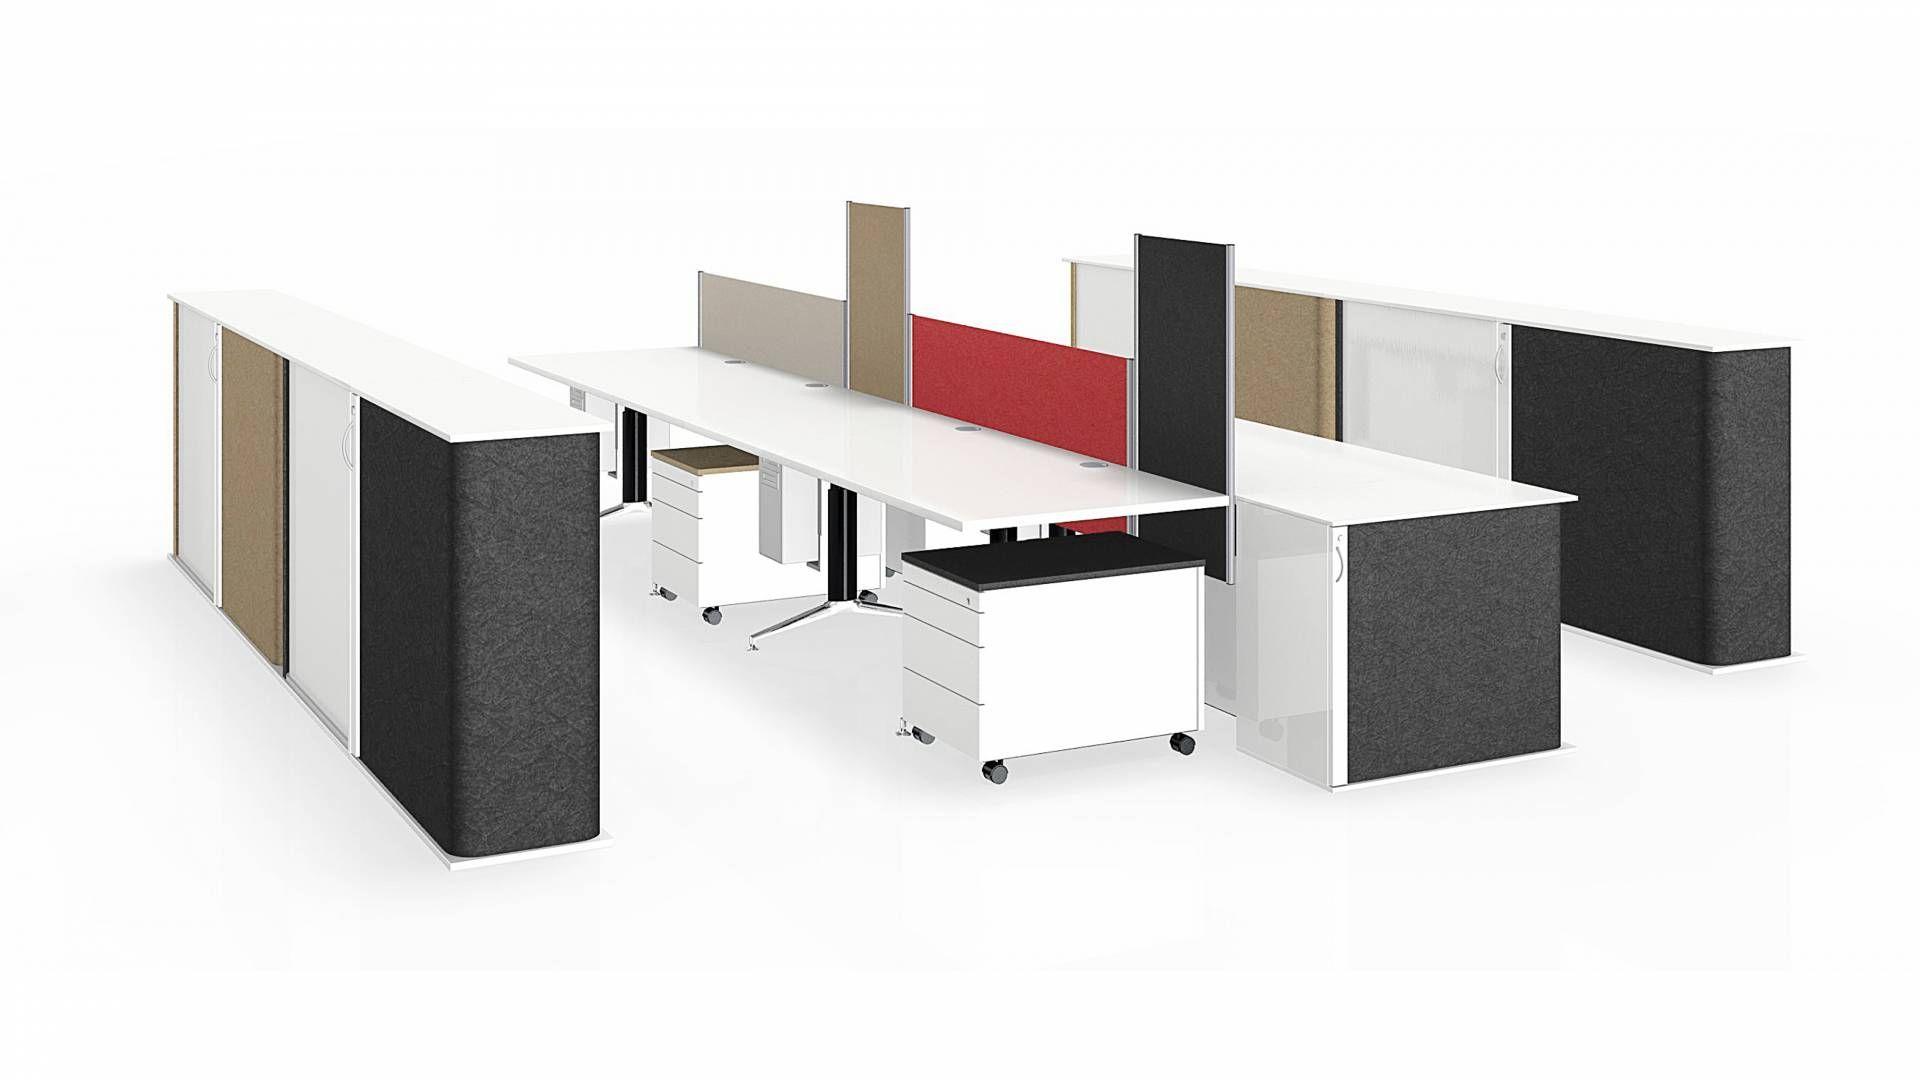 Groß Design Juwelierladen Relojeria Alemana Fotos - Wohnzimmer ...